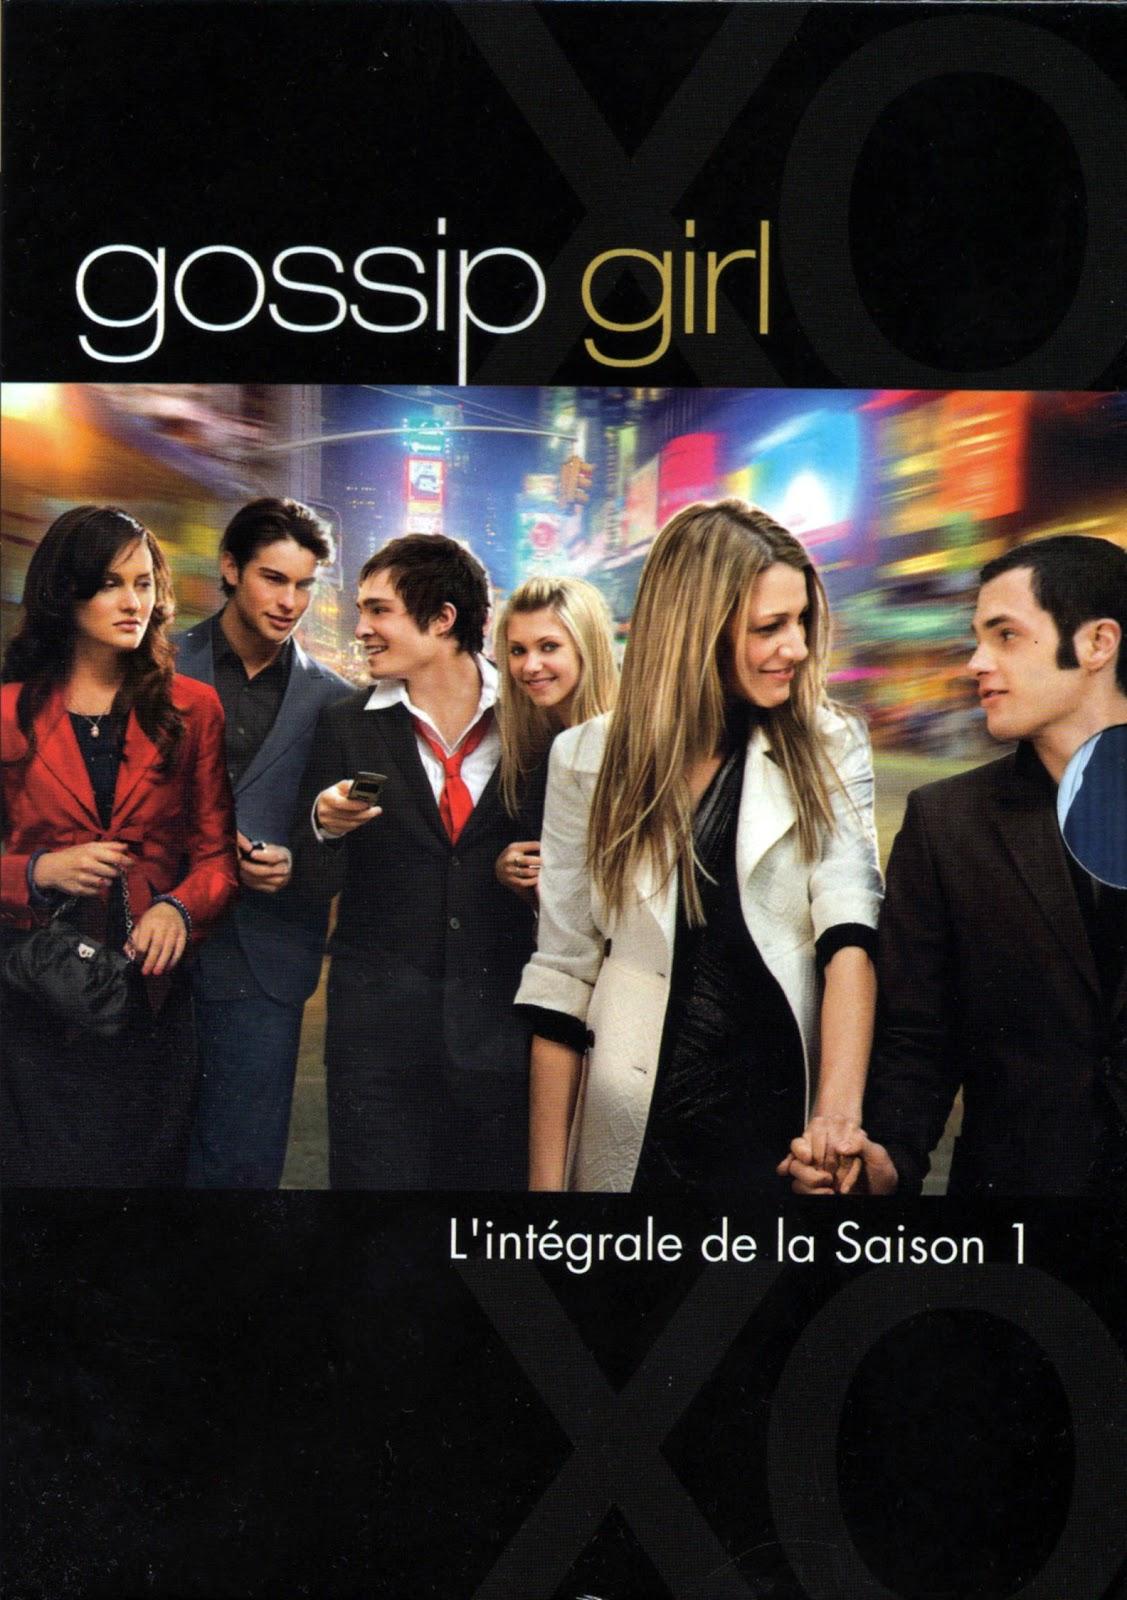 http://4.bp.blogspot.com/-FlDVAk-7k_M/UOFjLRGnQBI/AAAAAAAABy4/67wmDfh-guE/s1600/Gossip_girl_Saison_1_1.jpg